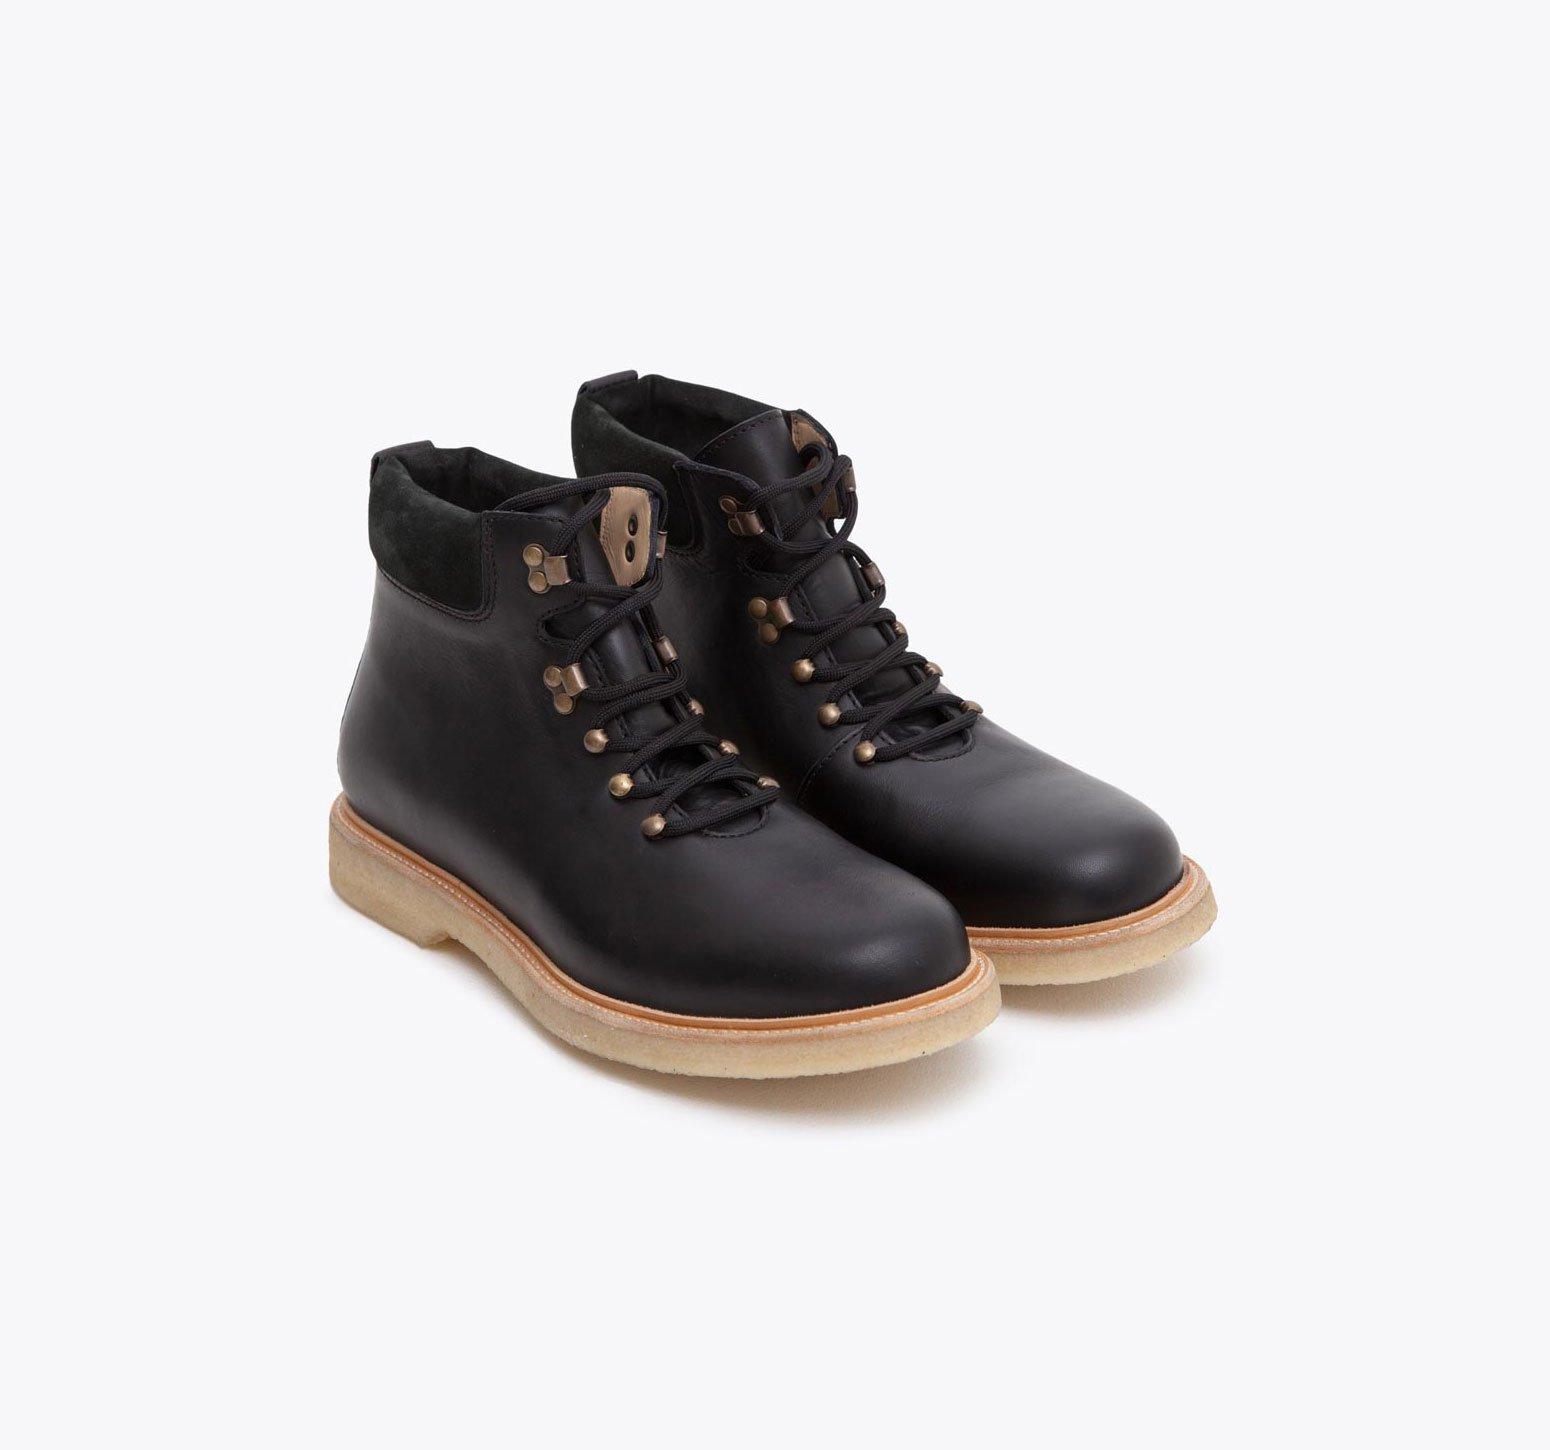 footwear_img_banner